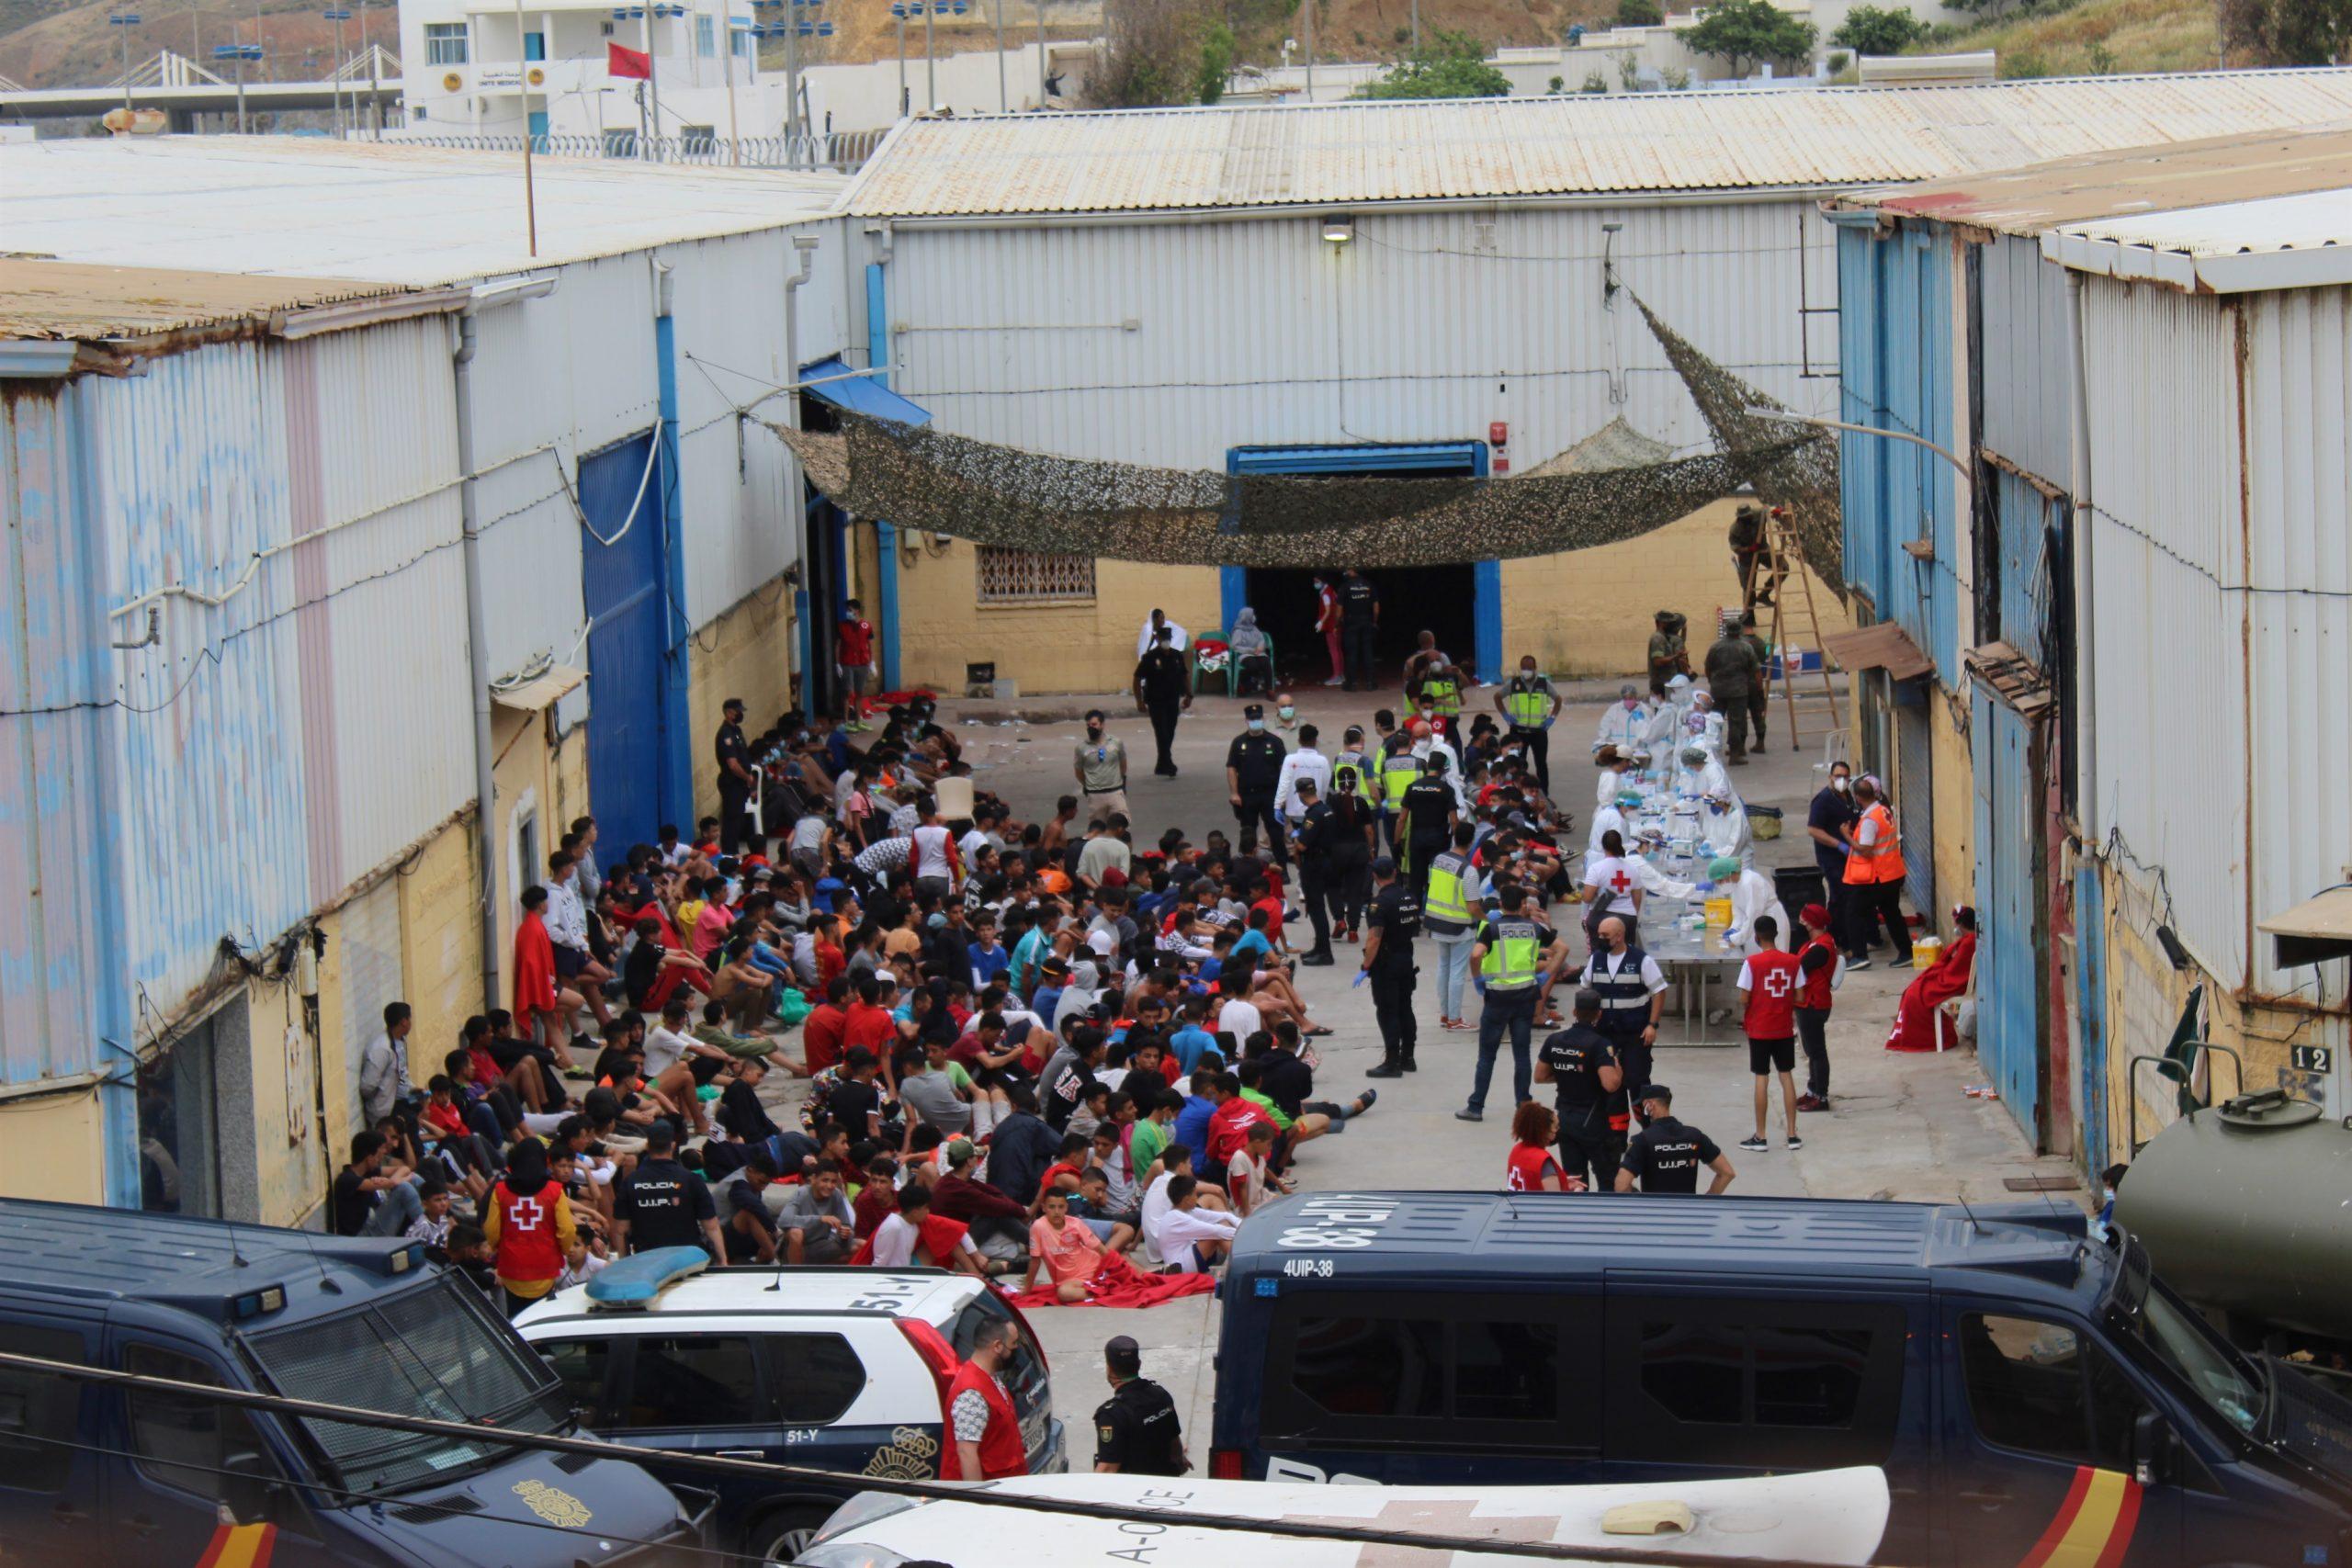 Menors a Ceuta després de la crisi migratòria d'aquest mes / EuropaPress